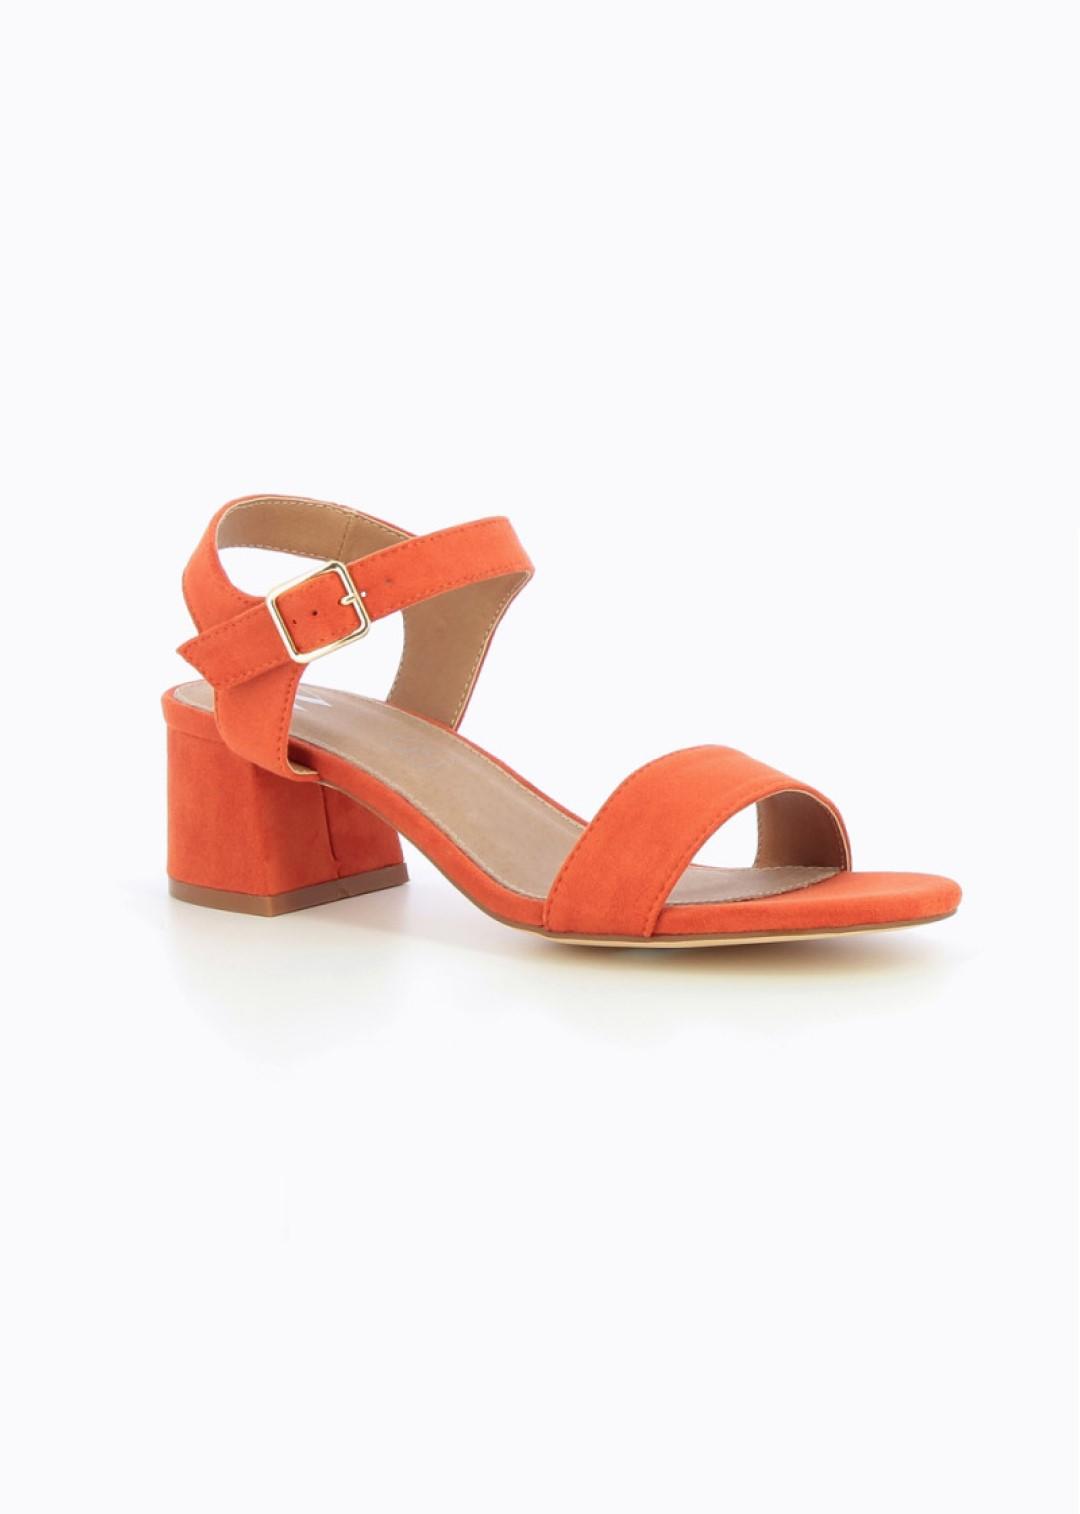 Sandales orange à petit talon épais